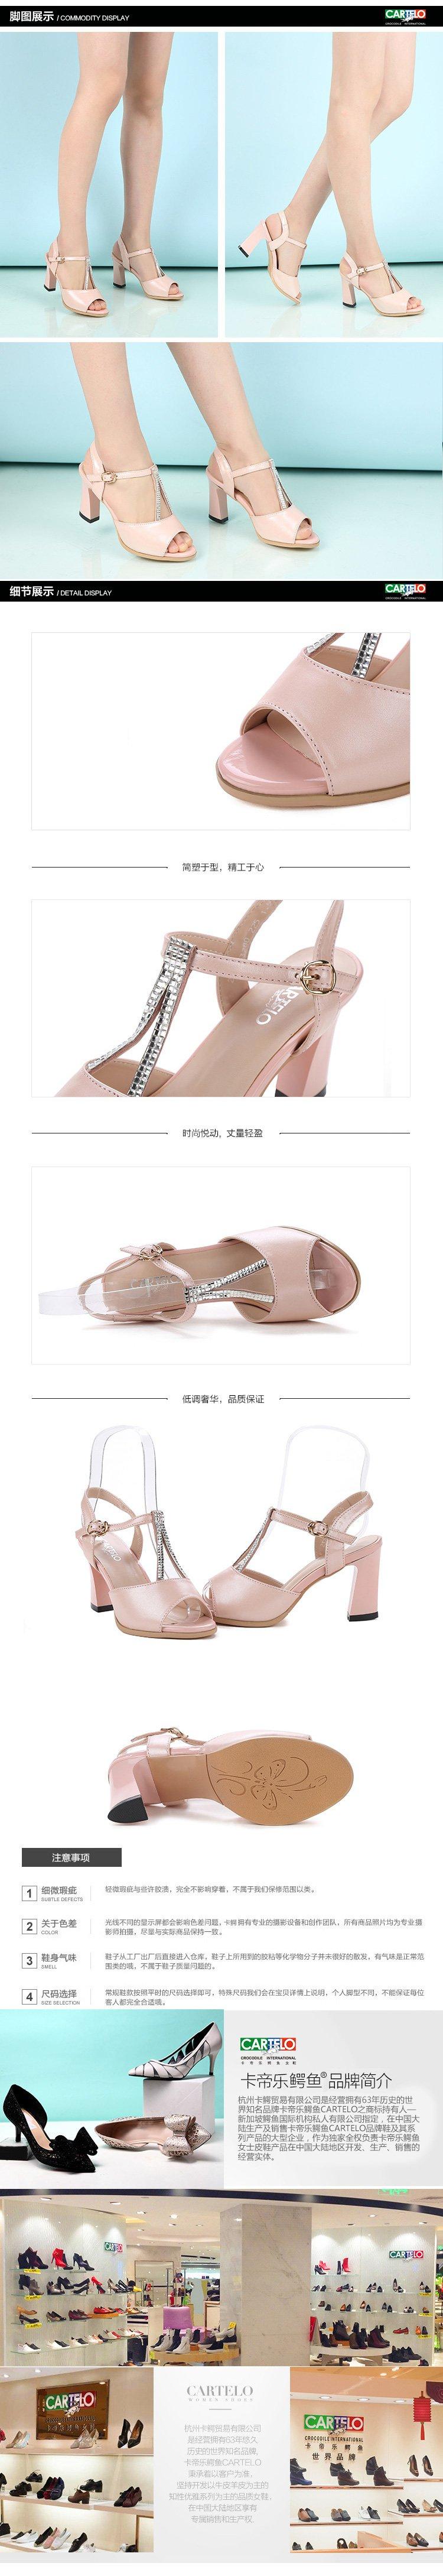 牛皮t字结构烫钻公主风高跟凉鞋